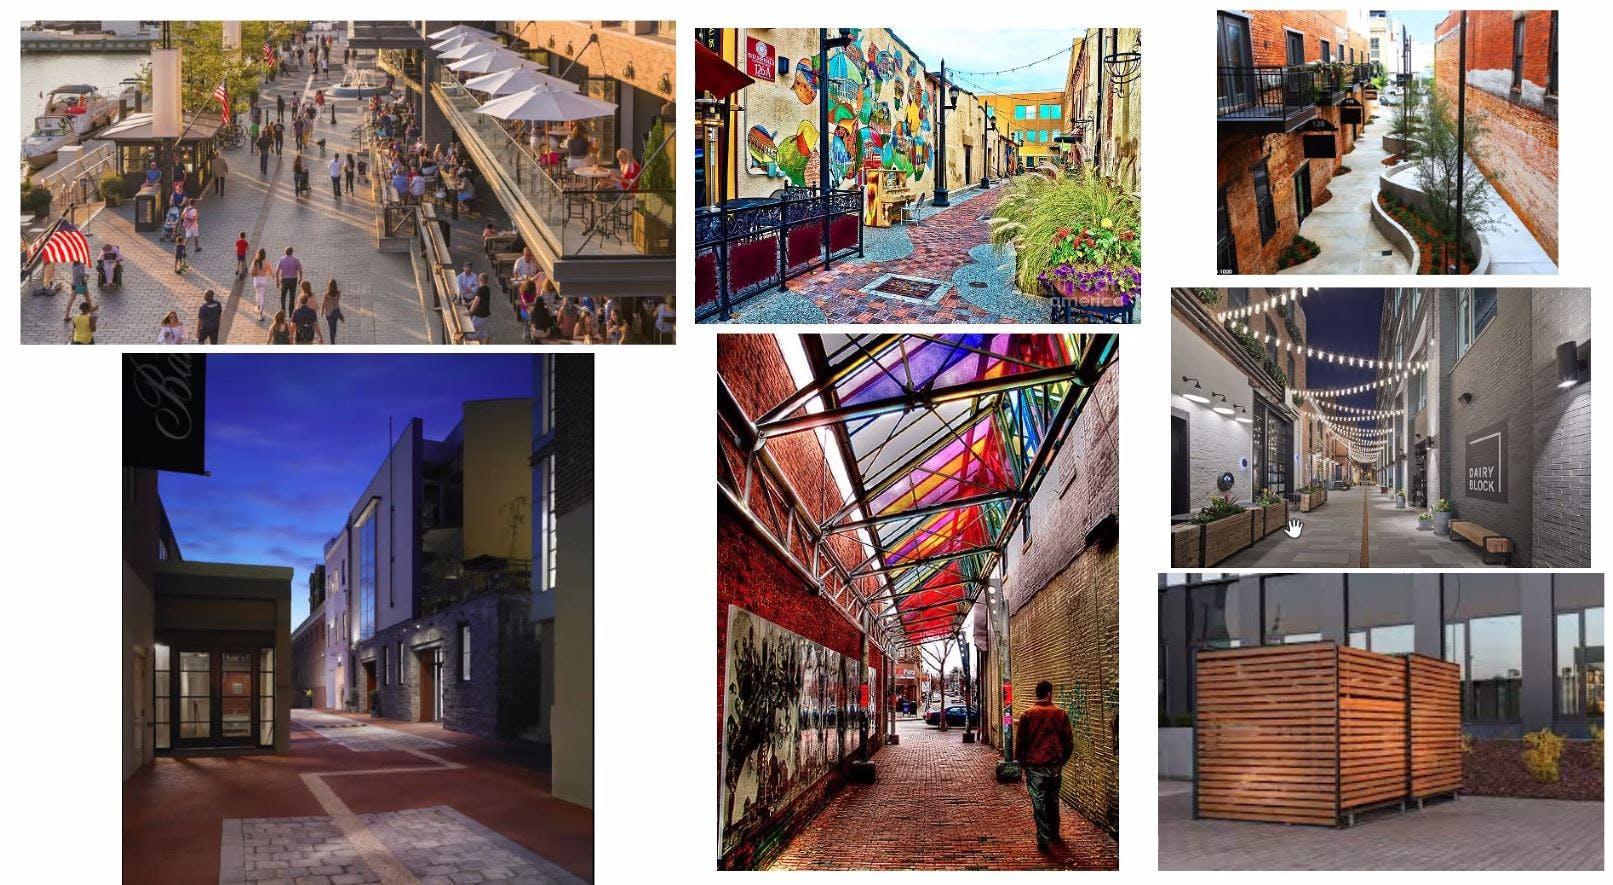 Design Inspiration for Alleys